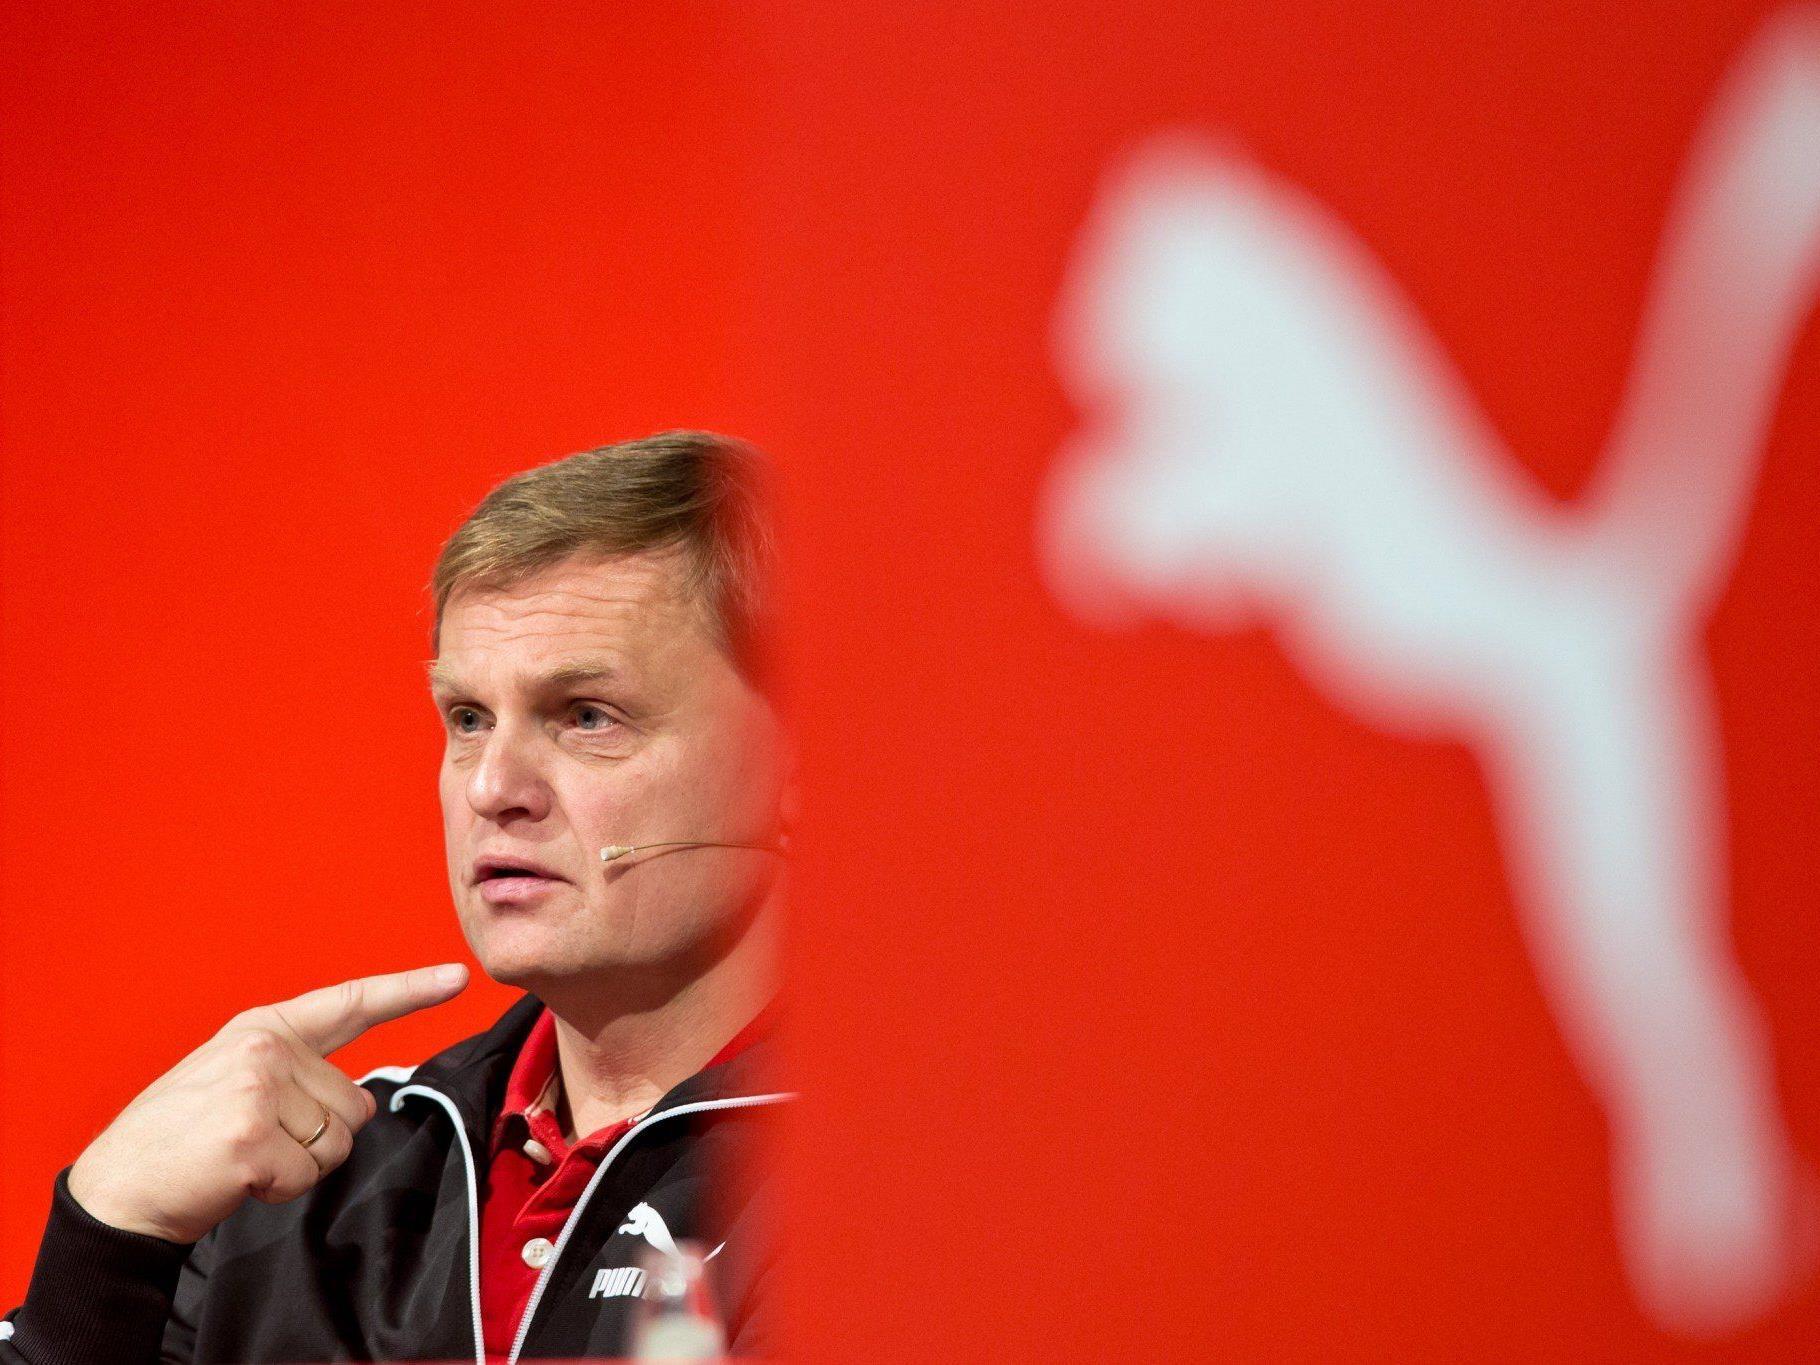 Vorstandsvorsitzender Björn Gulden präsentiert Quartalszahlen des Unternehmens.